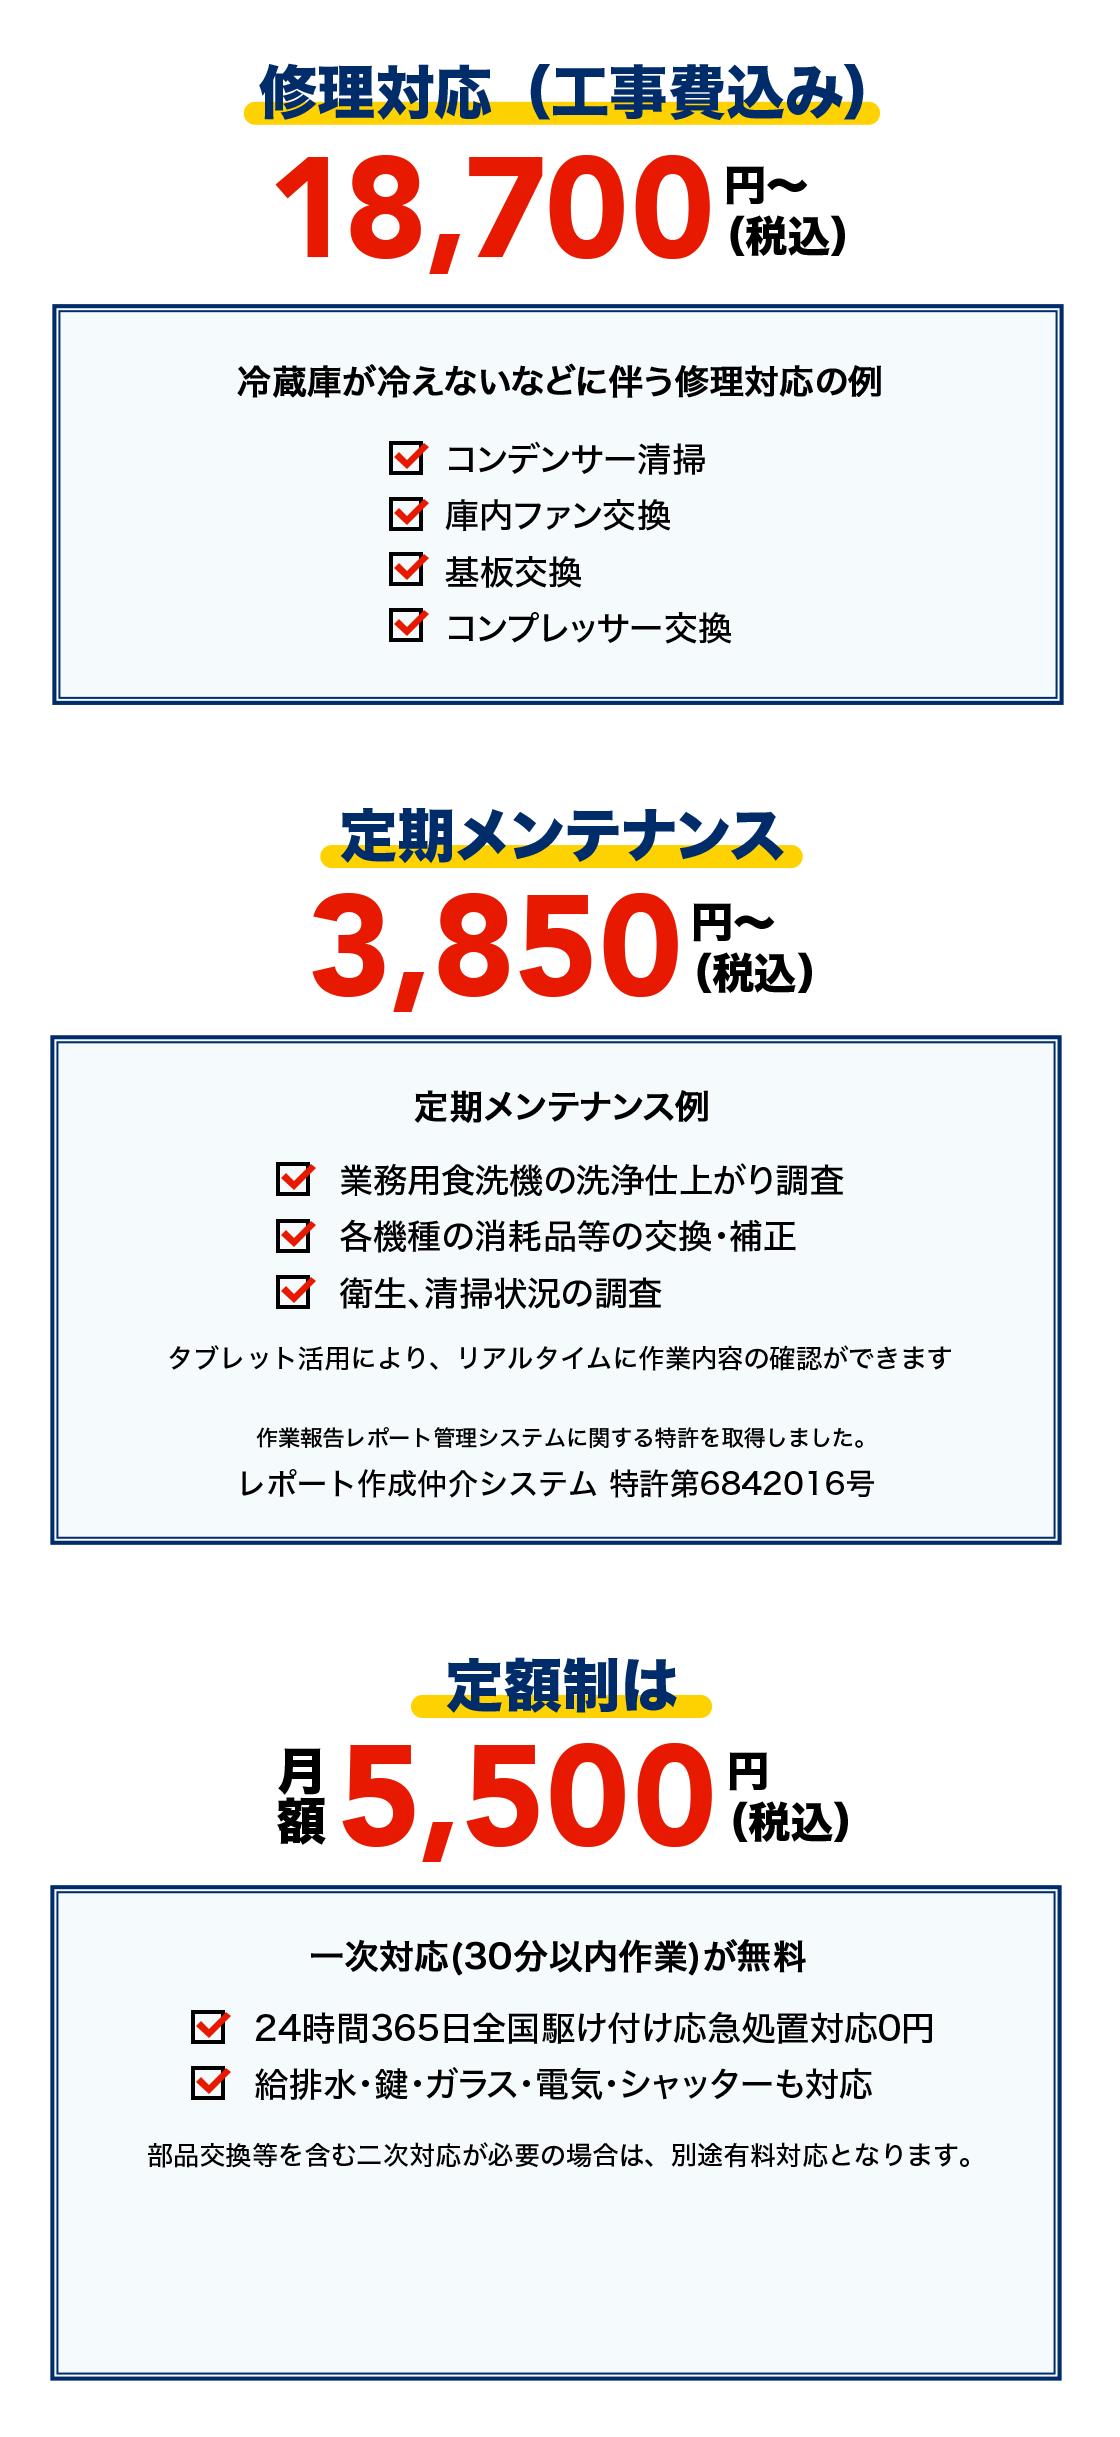 修理対応(工事費込み) 12,000円〜。定期メンテナンス 3,500円〜。